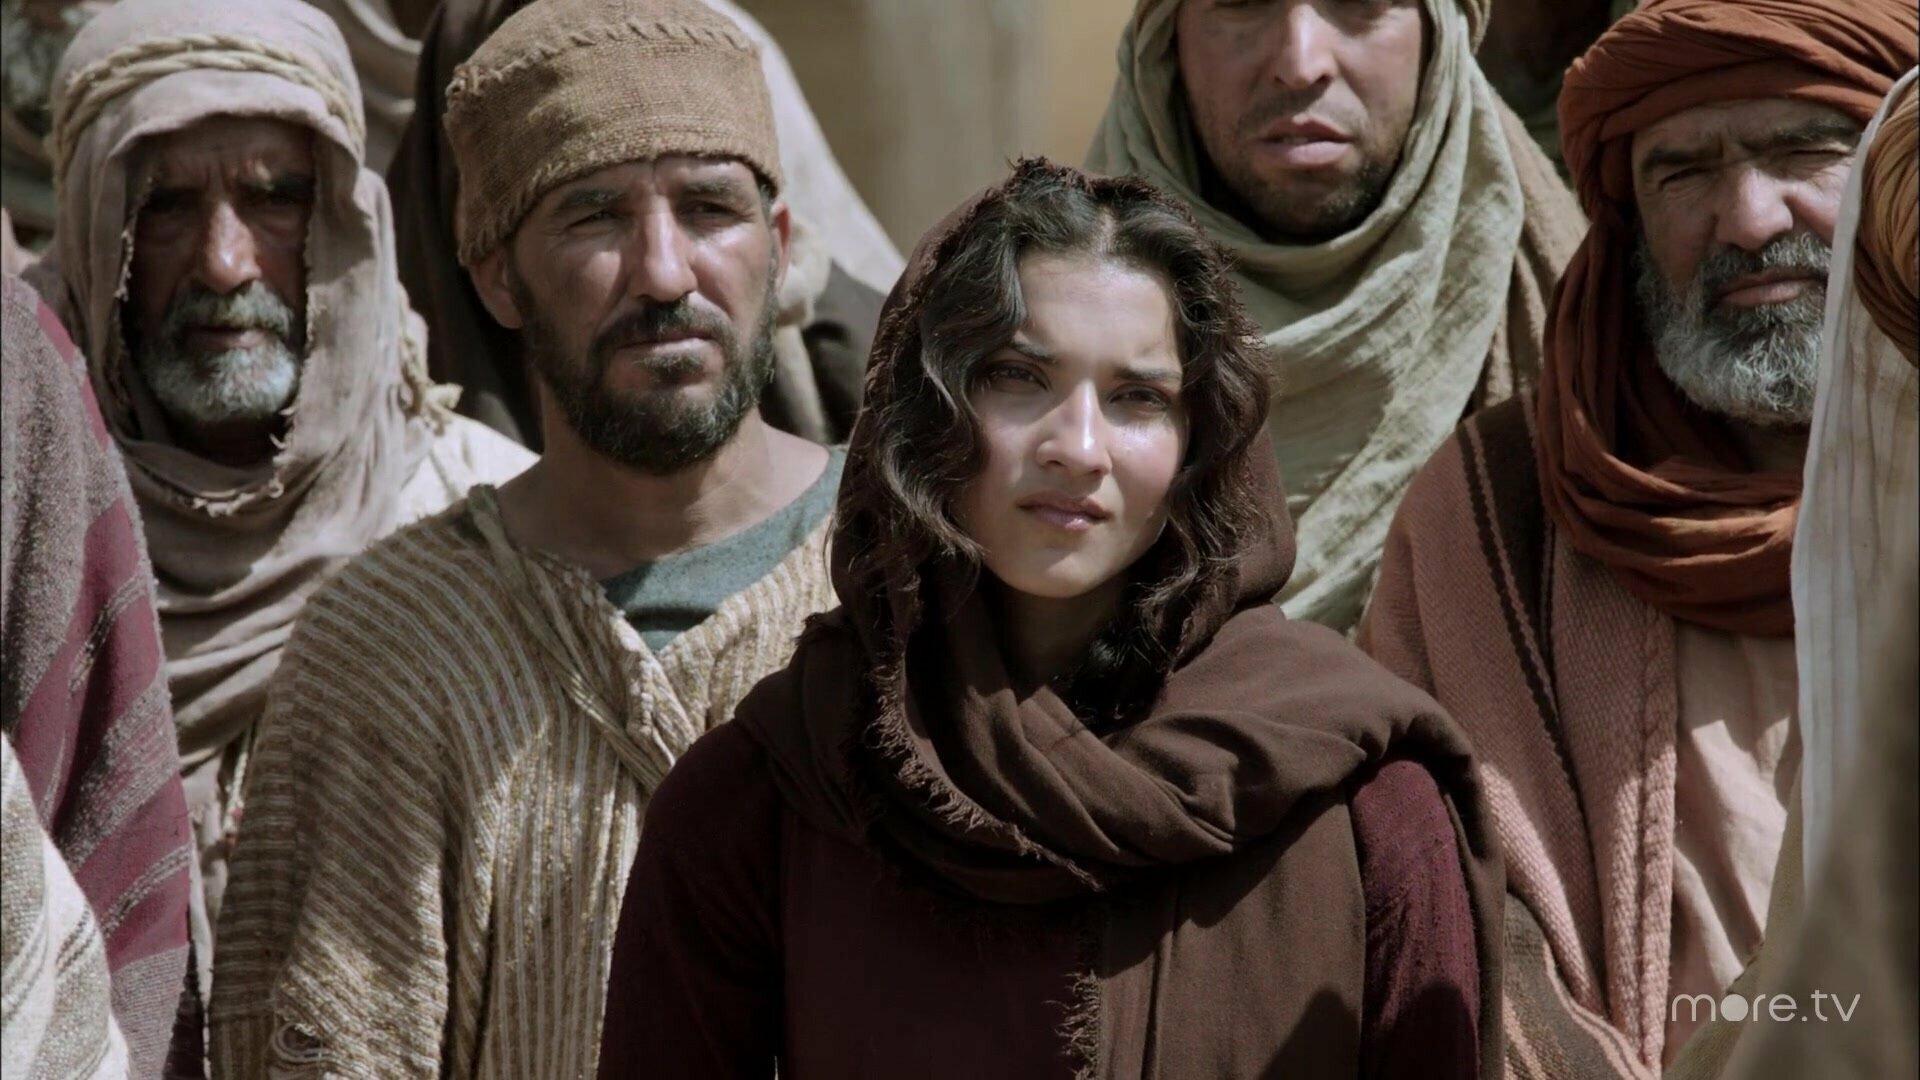 The Bible — s01e08 — Betrayal